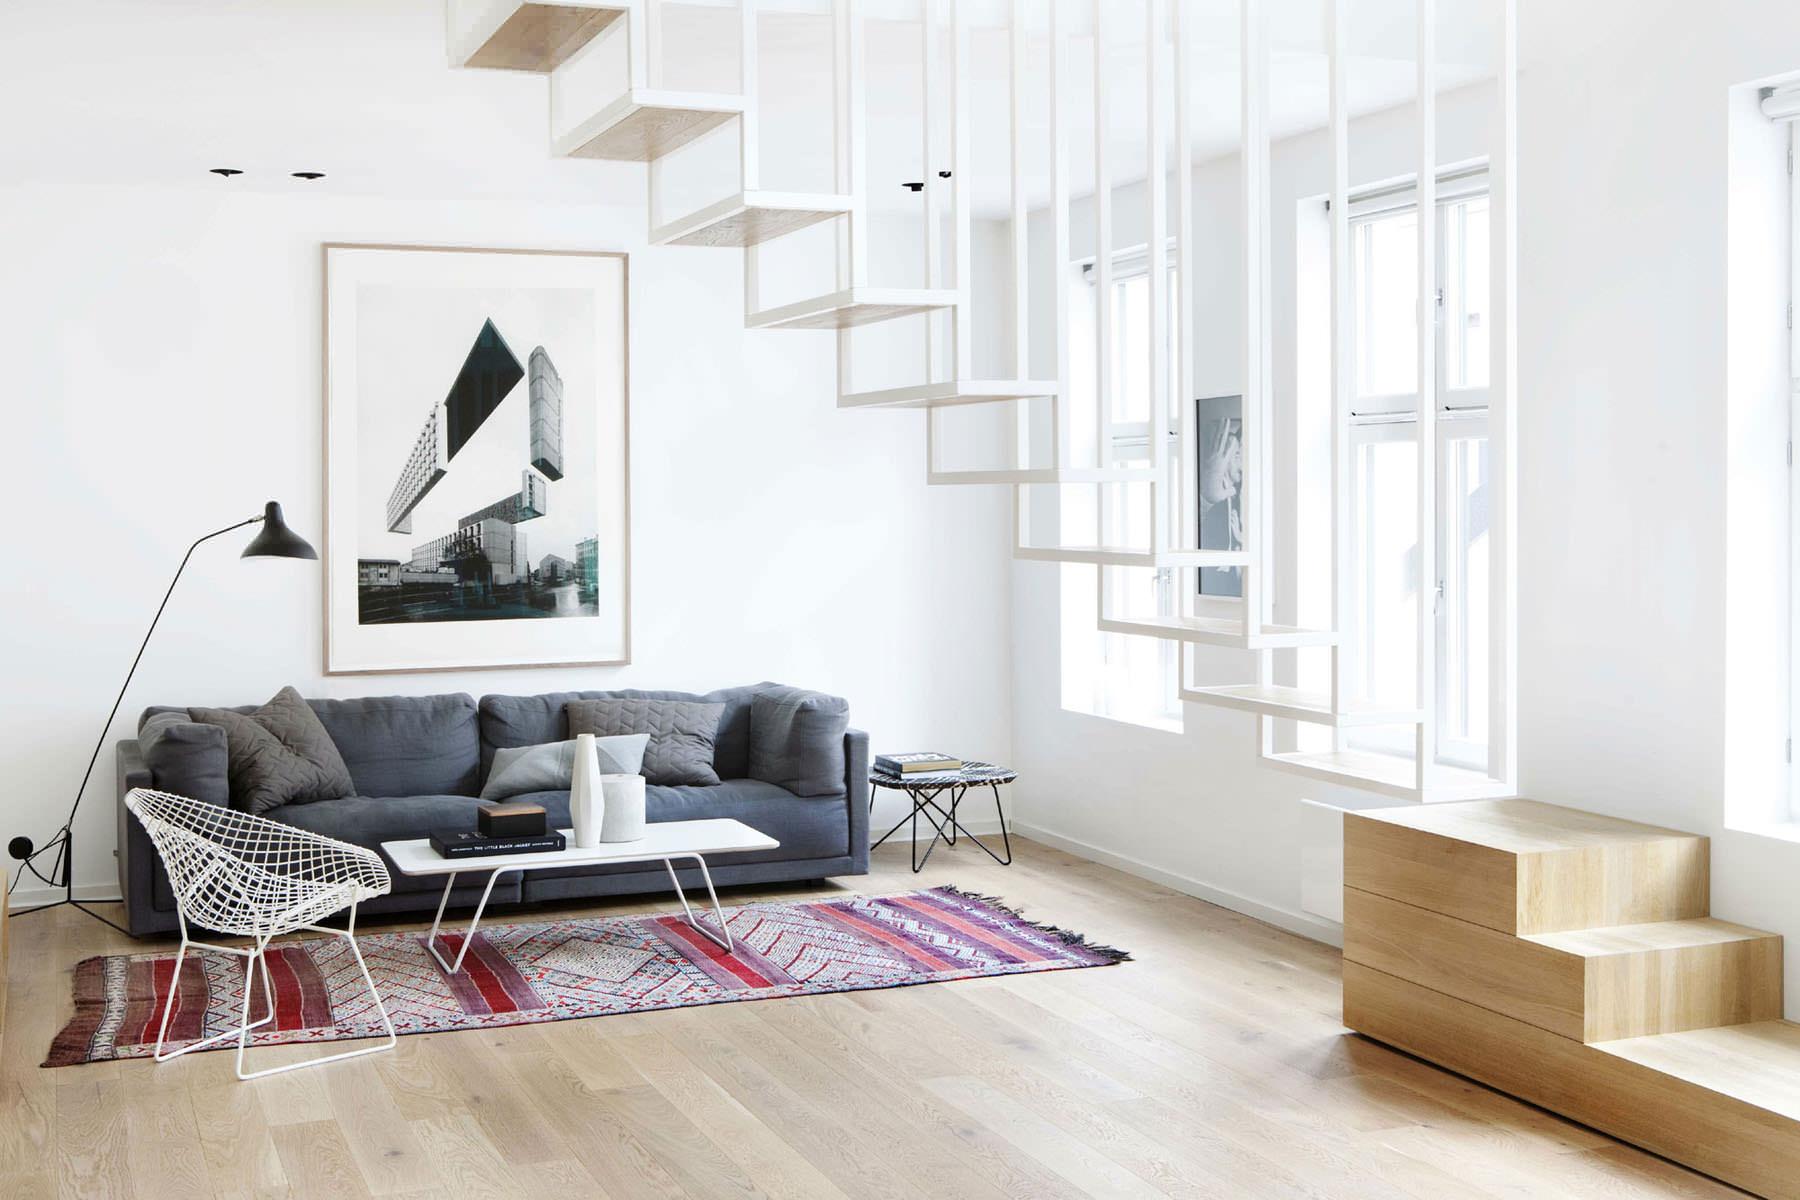 Гостиная в стиле минимализм с обильным освещением